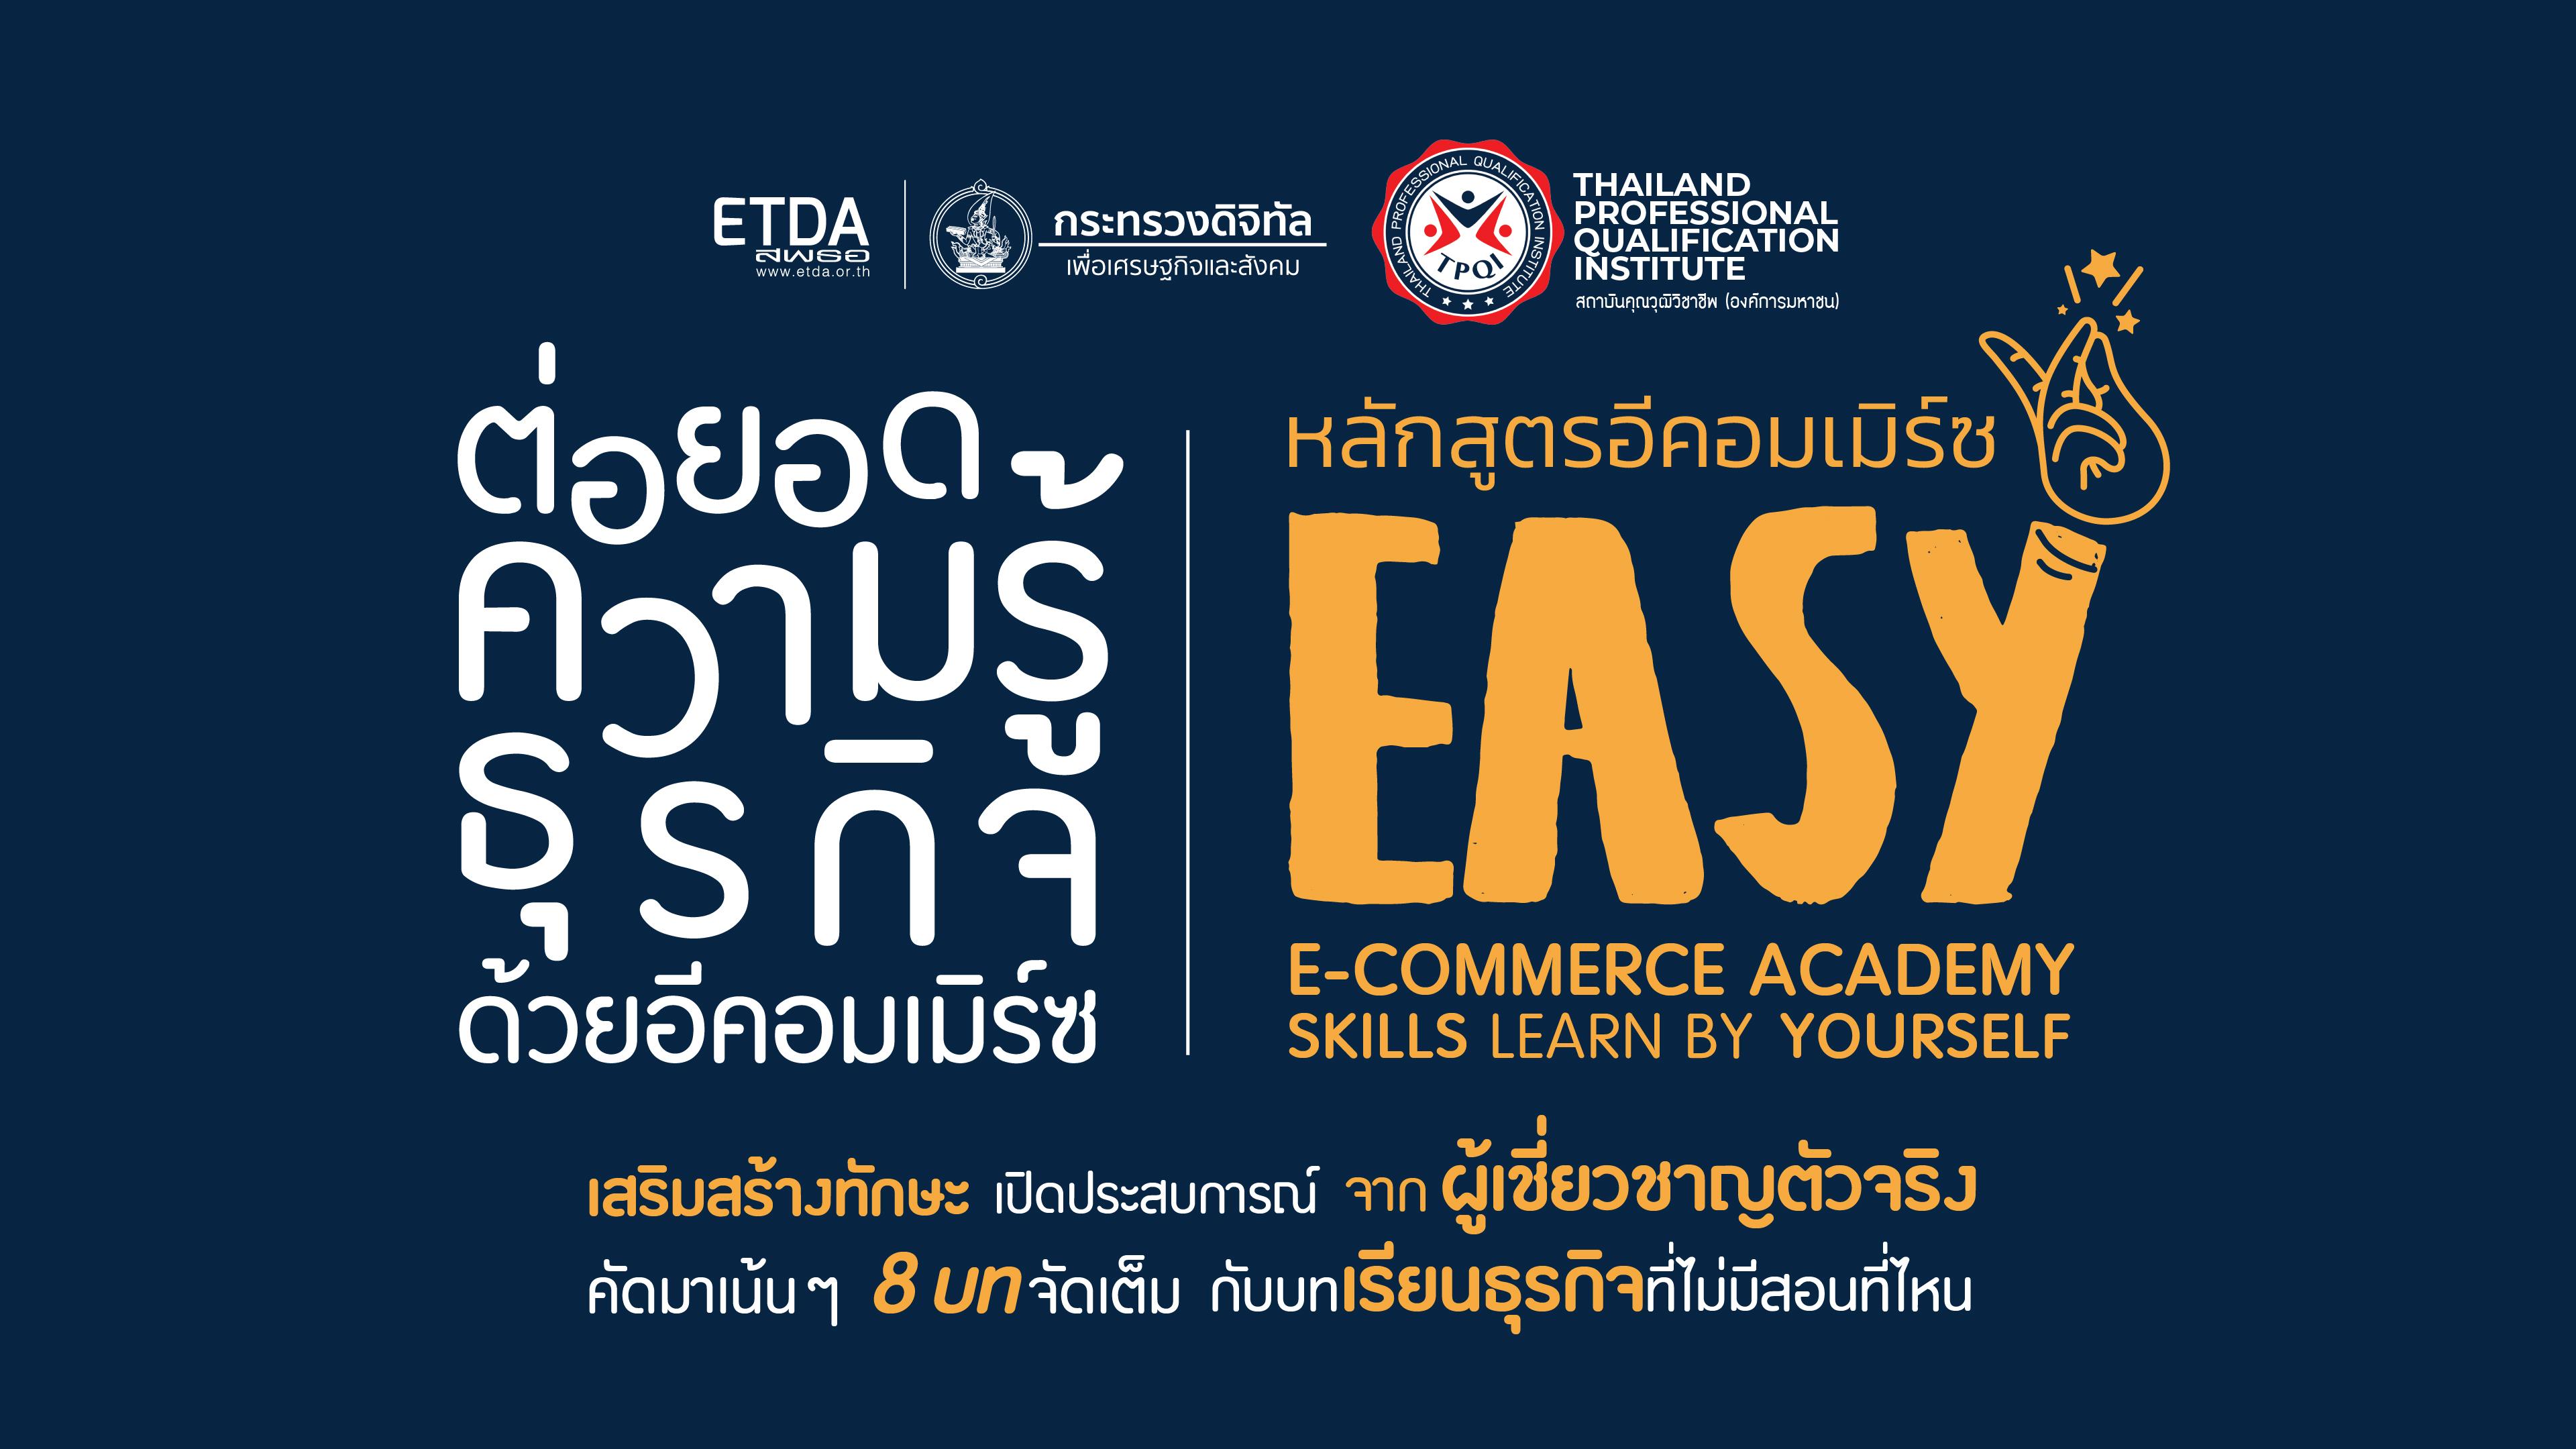 """ETDA ปั้นหลักสูตรอีคอมเมิร์ซออนไลน์ง่ายสำหรับทุกคน """"EASY E-COMMERCE ACADEMY SKILLS LEARN BY YOURSELF"""""""